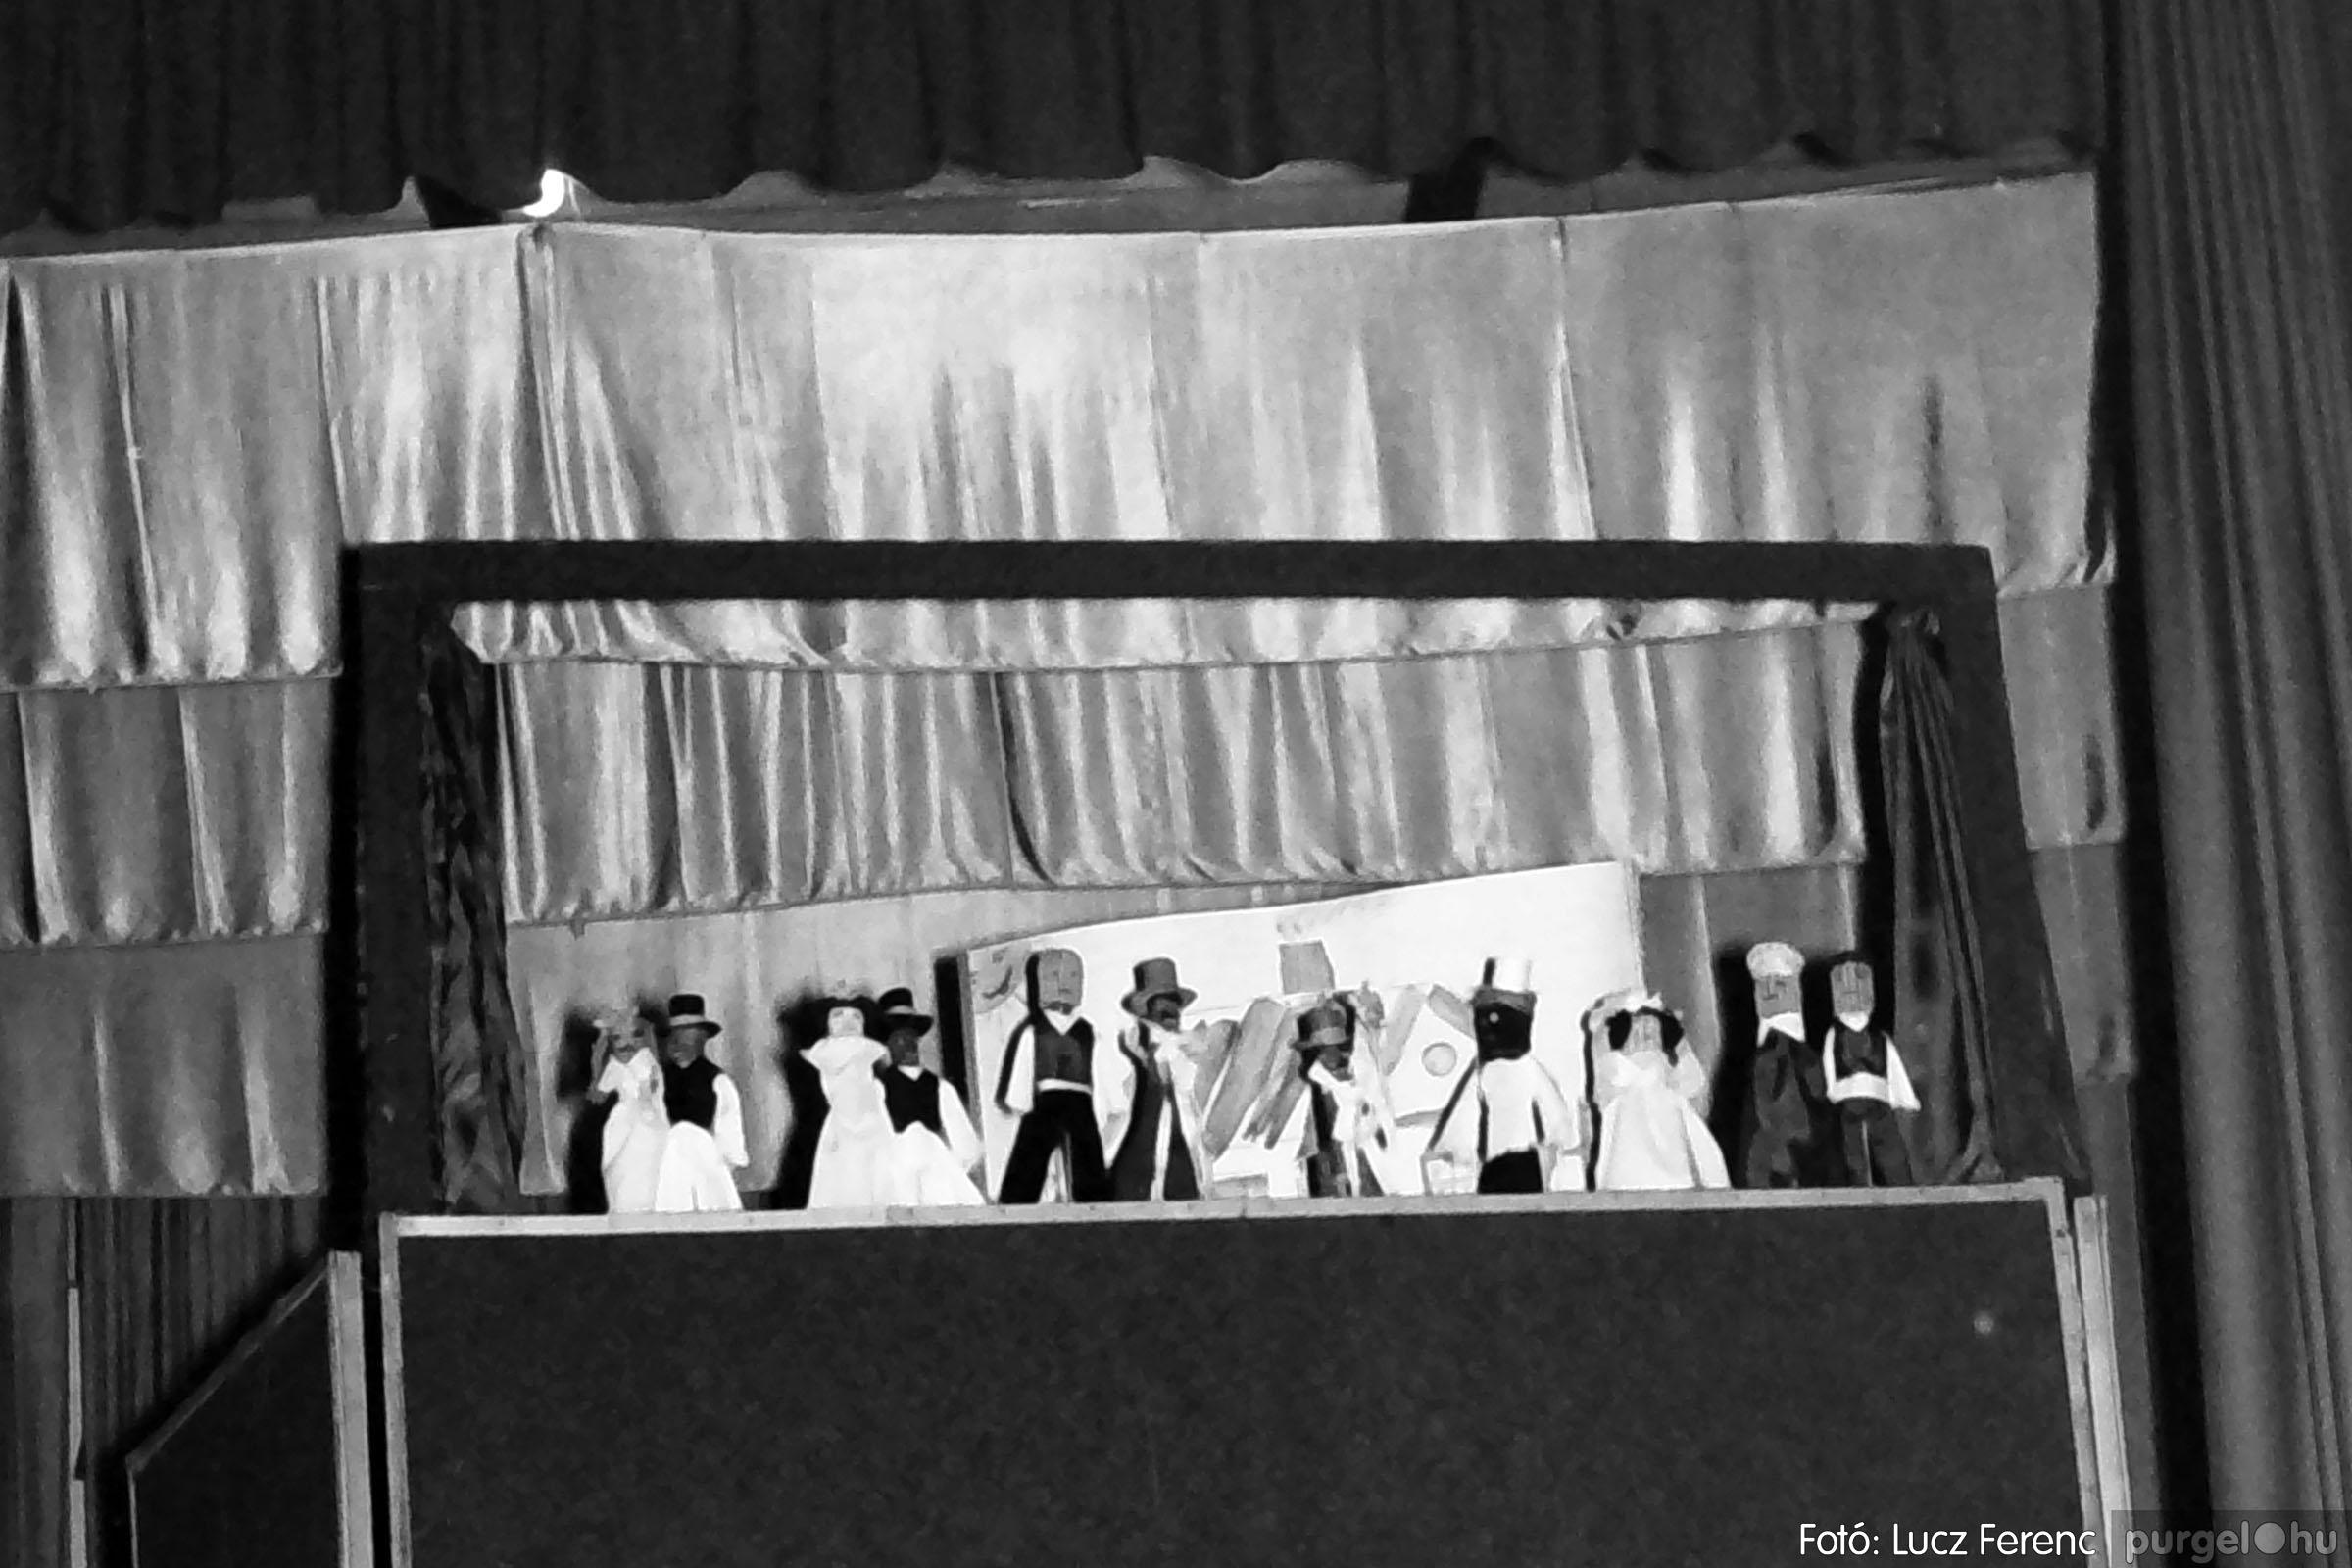 033. 1976. Diákrendezvény a kultúrházban 001 - Fotó: Lucz Ferenc.jpg